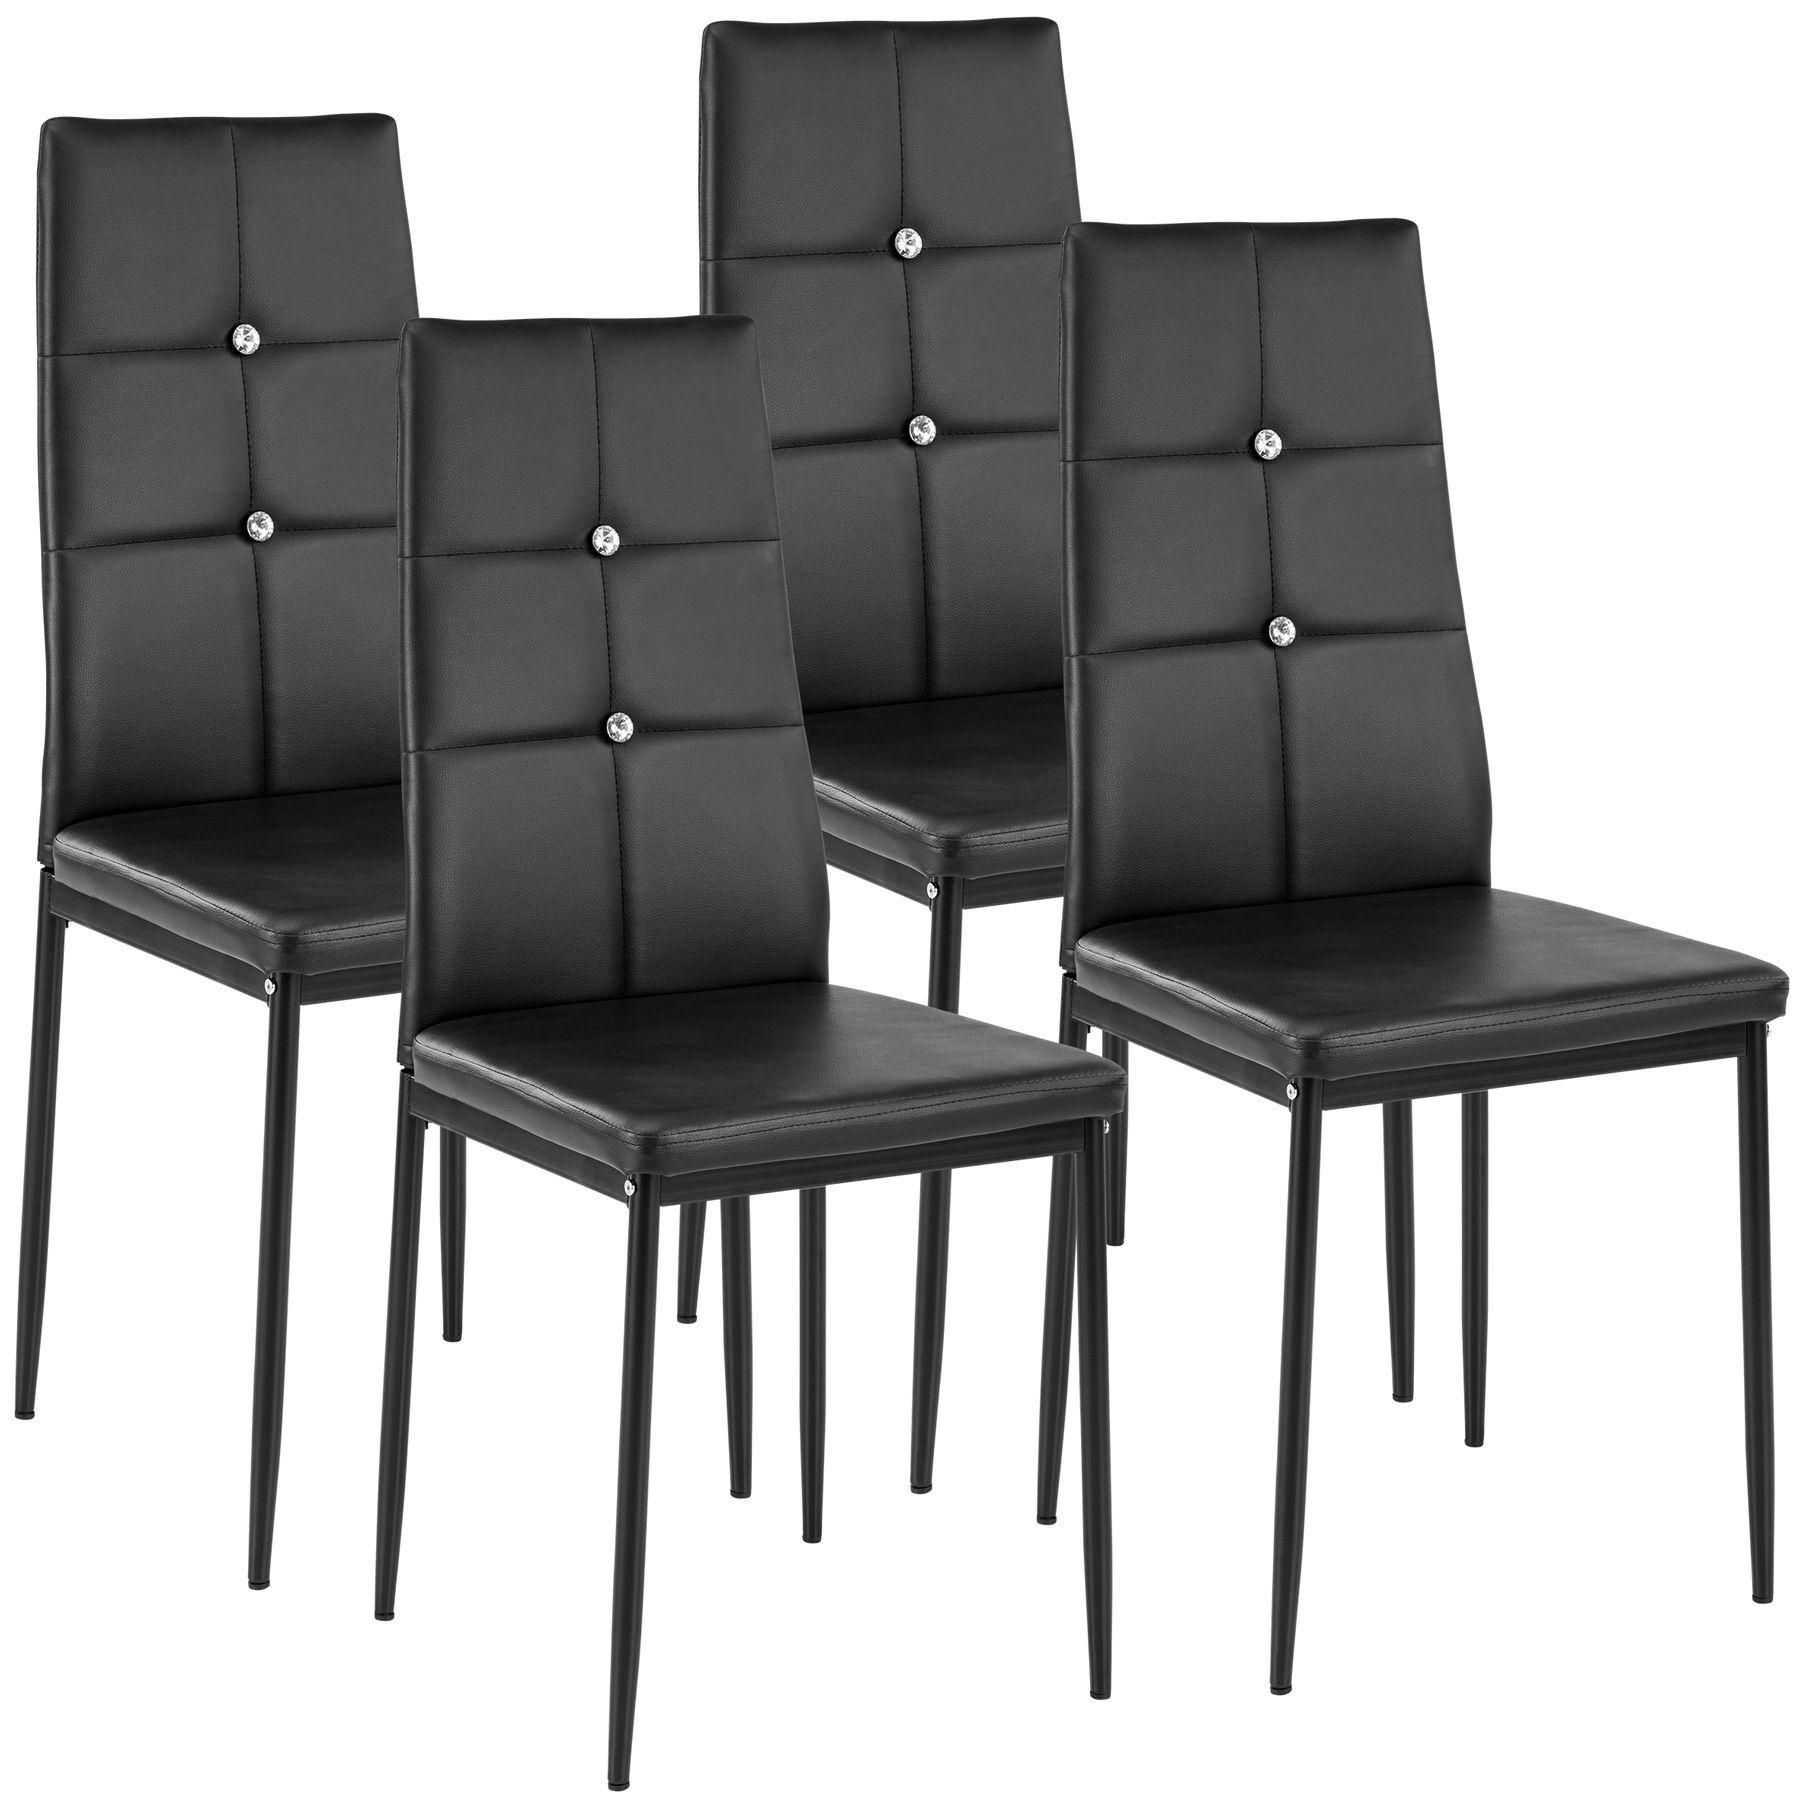 Set di 4 sedia per sala da pranzo tavolo cucina eleganti